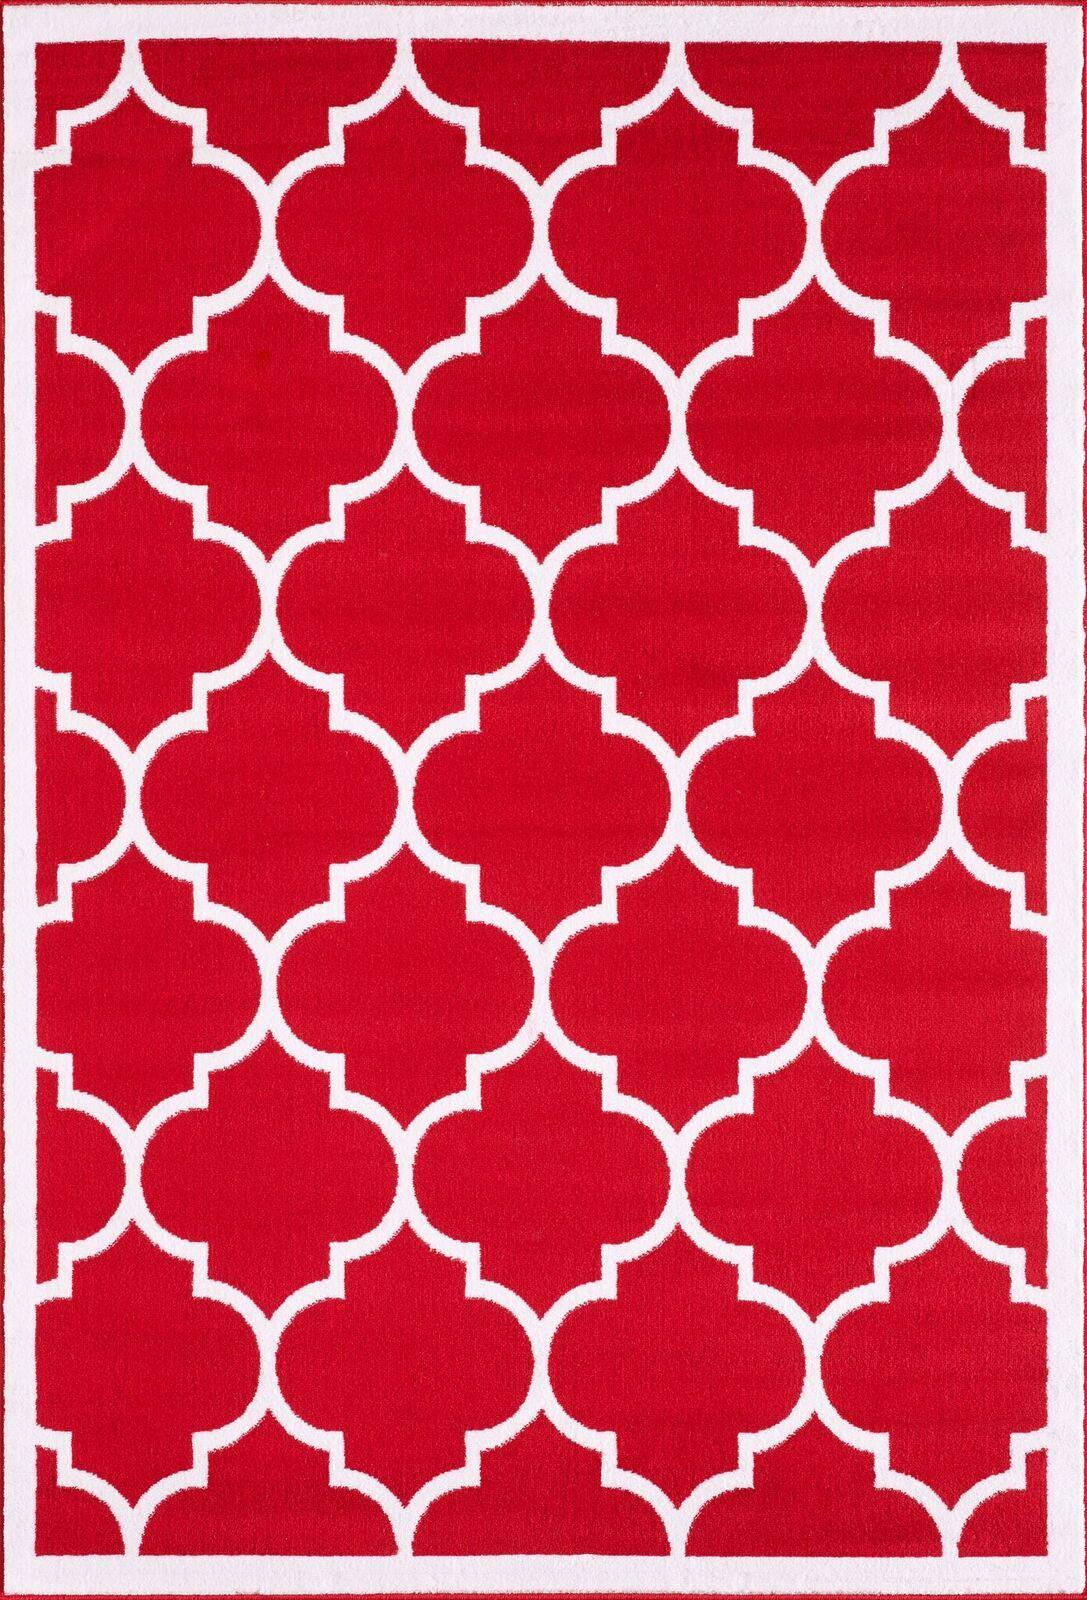 Large-Moderne-Geometrique-Treillis-Mince-Tapis-contemporain-doux-Zone-Tapis